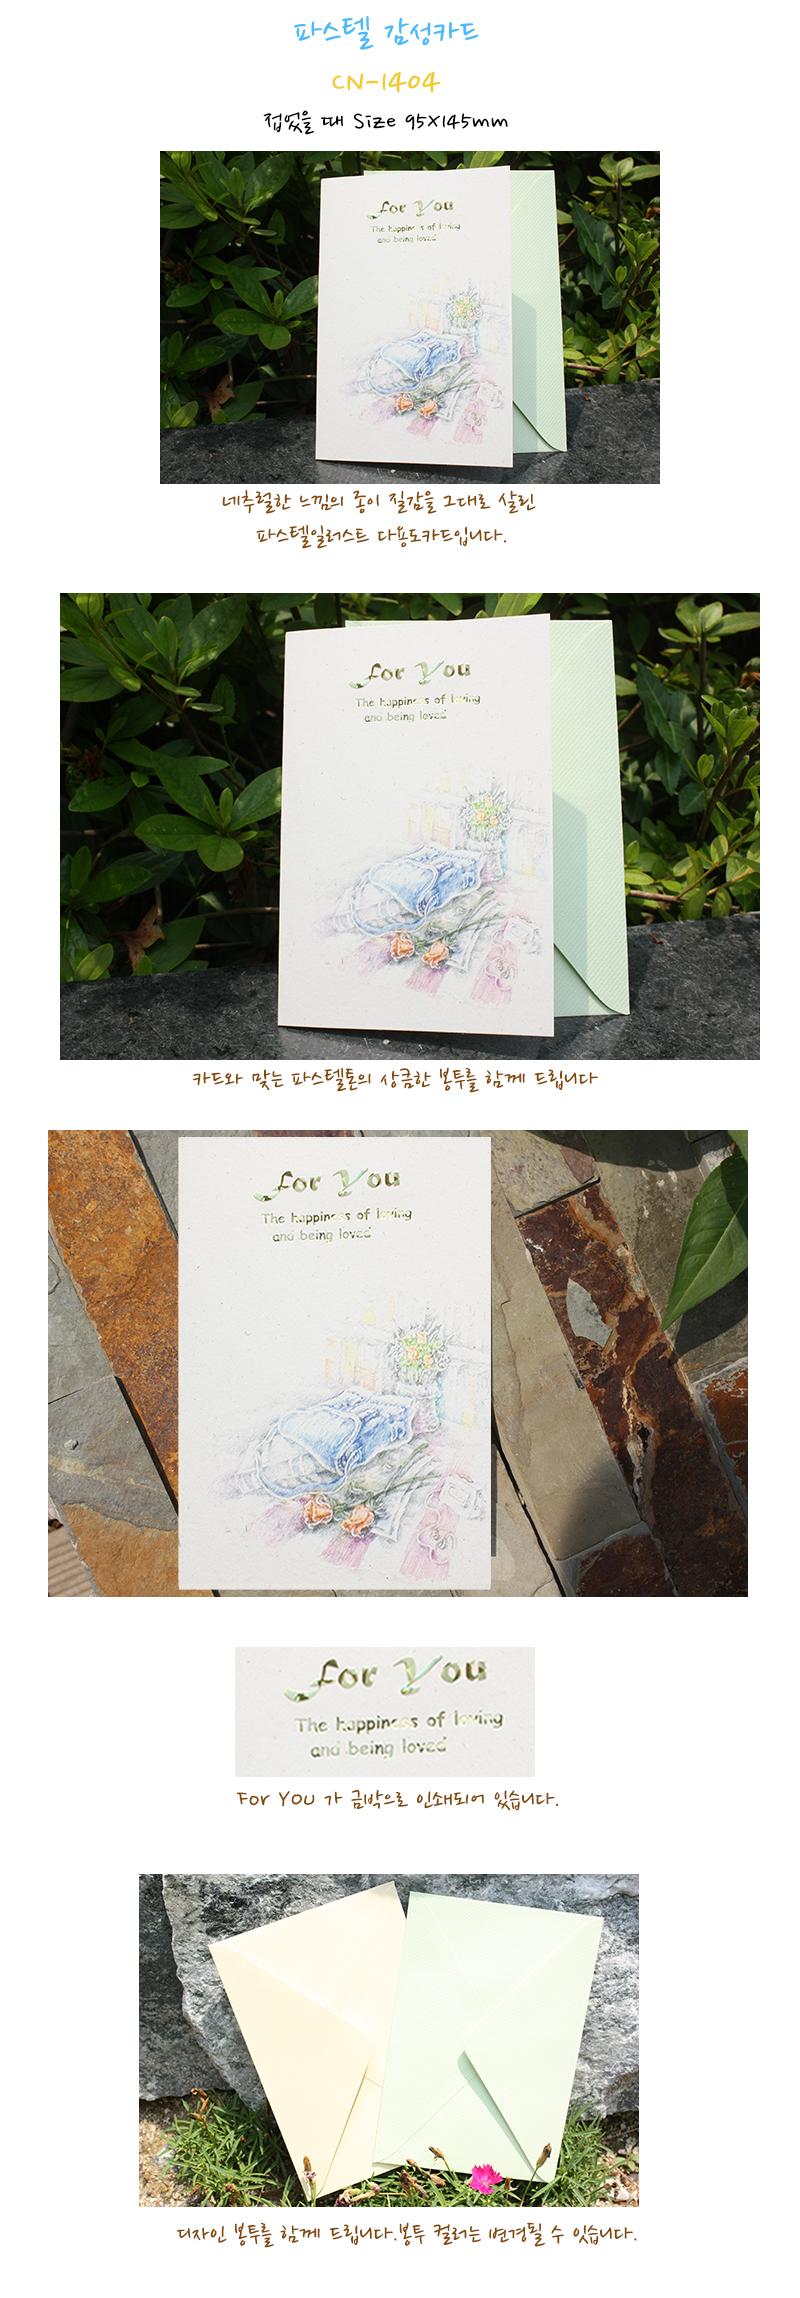 파스텔감성카드 CN-1404 - 상은랜드, 500원, 카드, 축하 카드